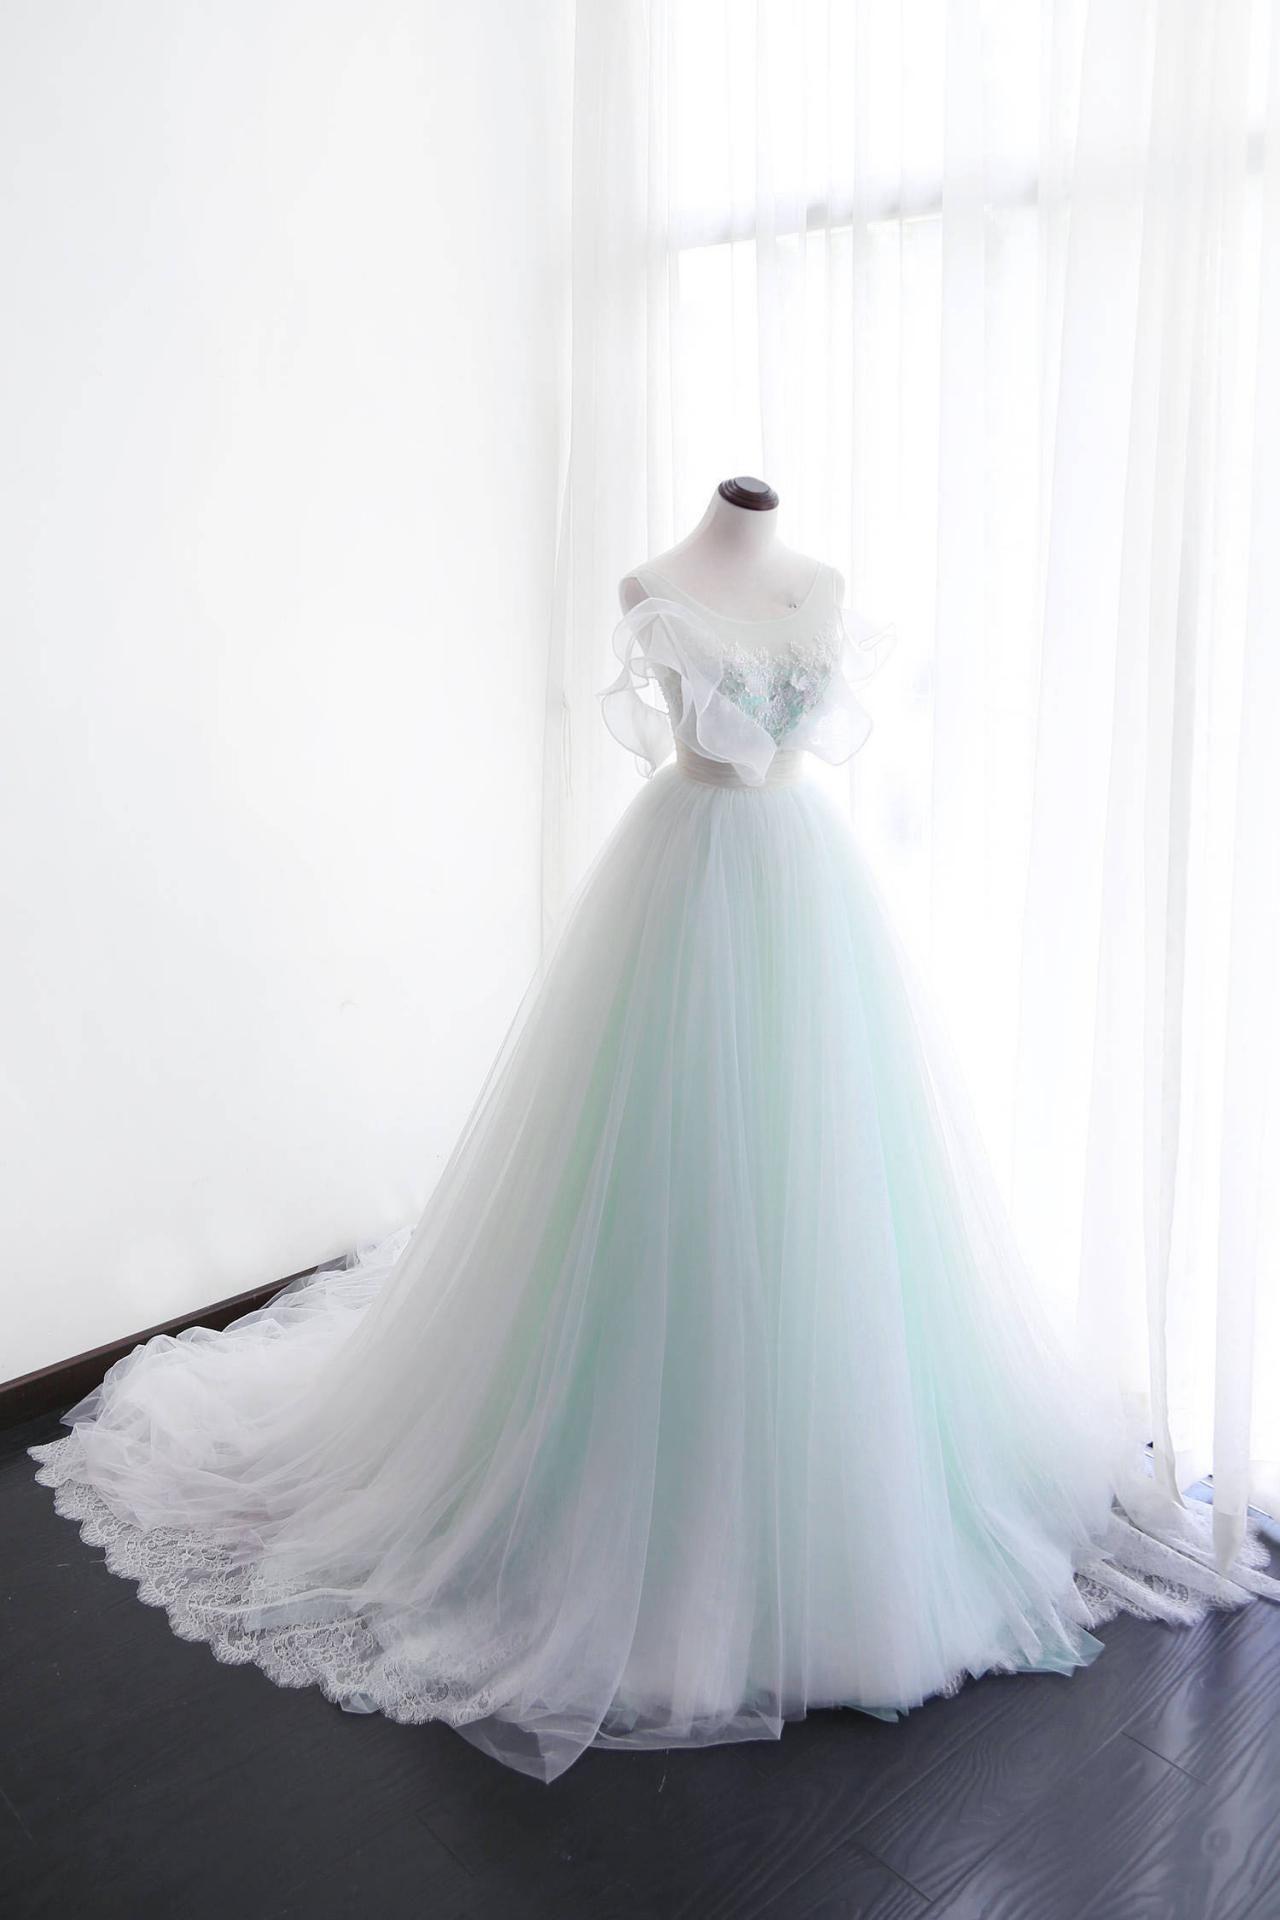 Colored Wedding Dress,Wedding Dresses,Wedding Dress,Wedding Gown ...